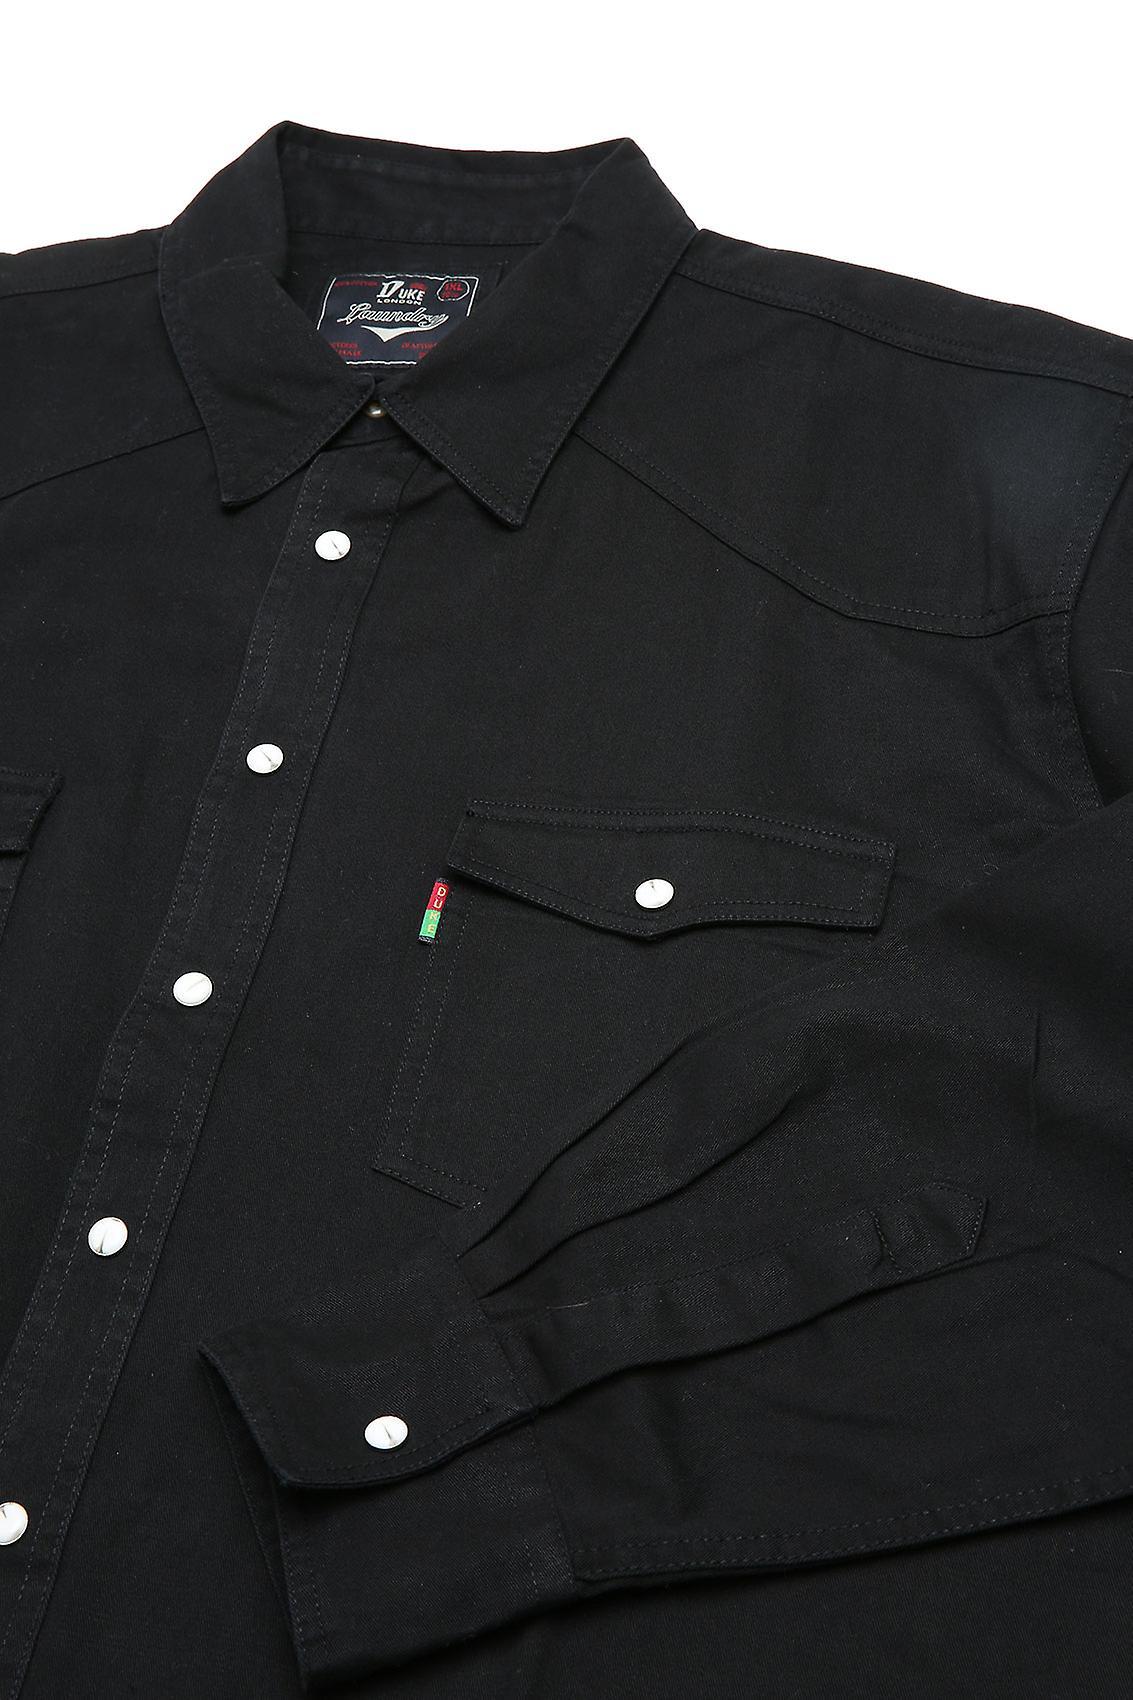 Duke London Black Denim Shirt